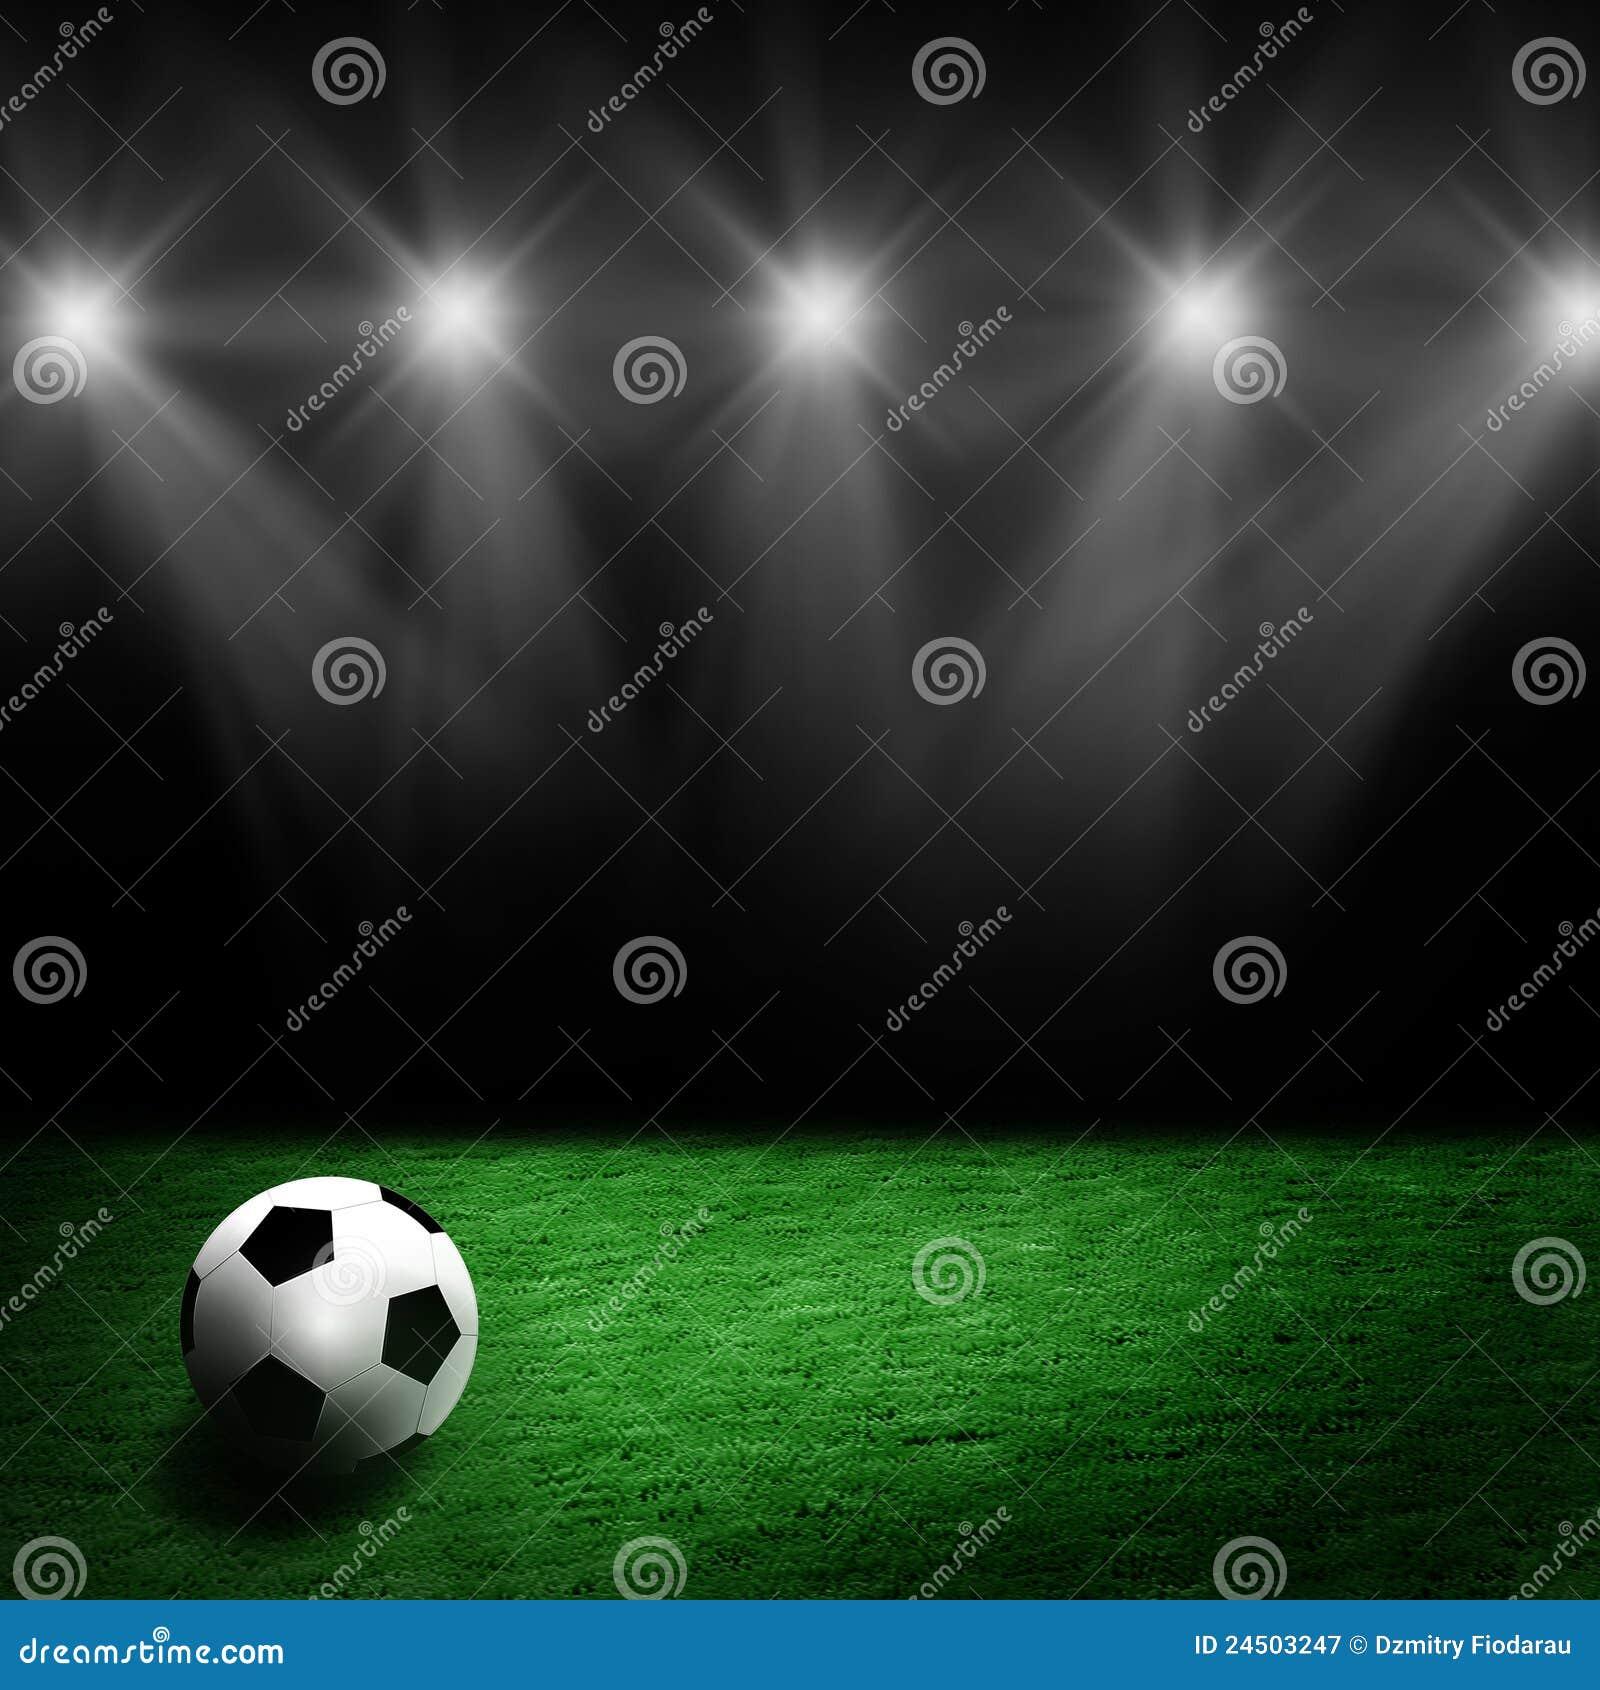 στάδιο ποδοσφαίρου χορτοταπήτων σφαιρών